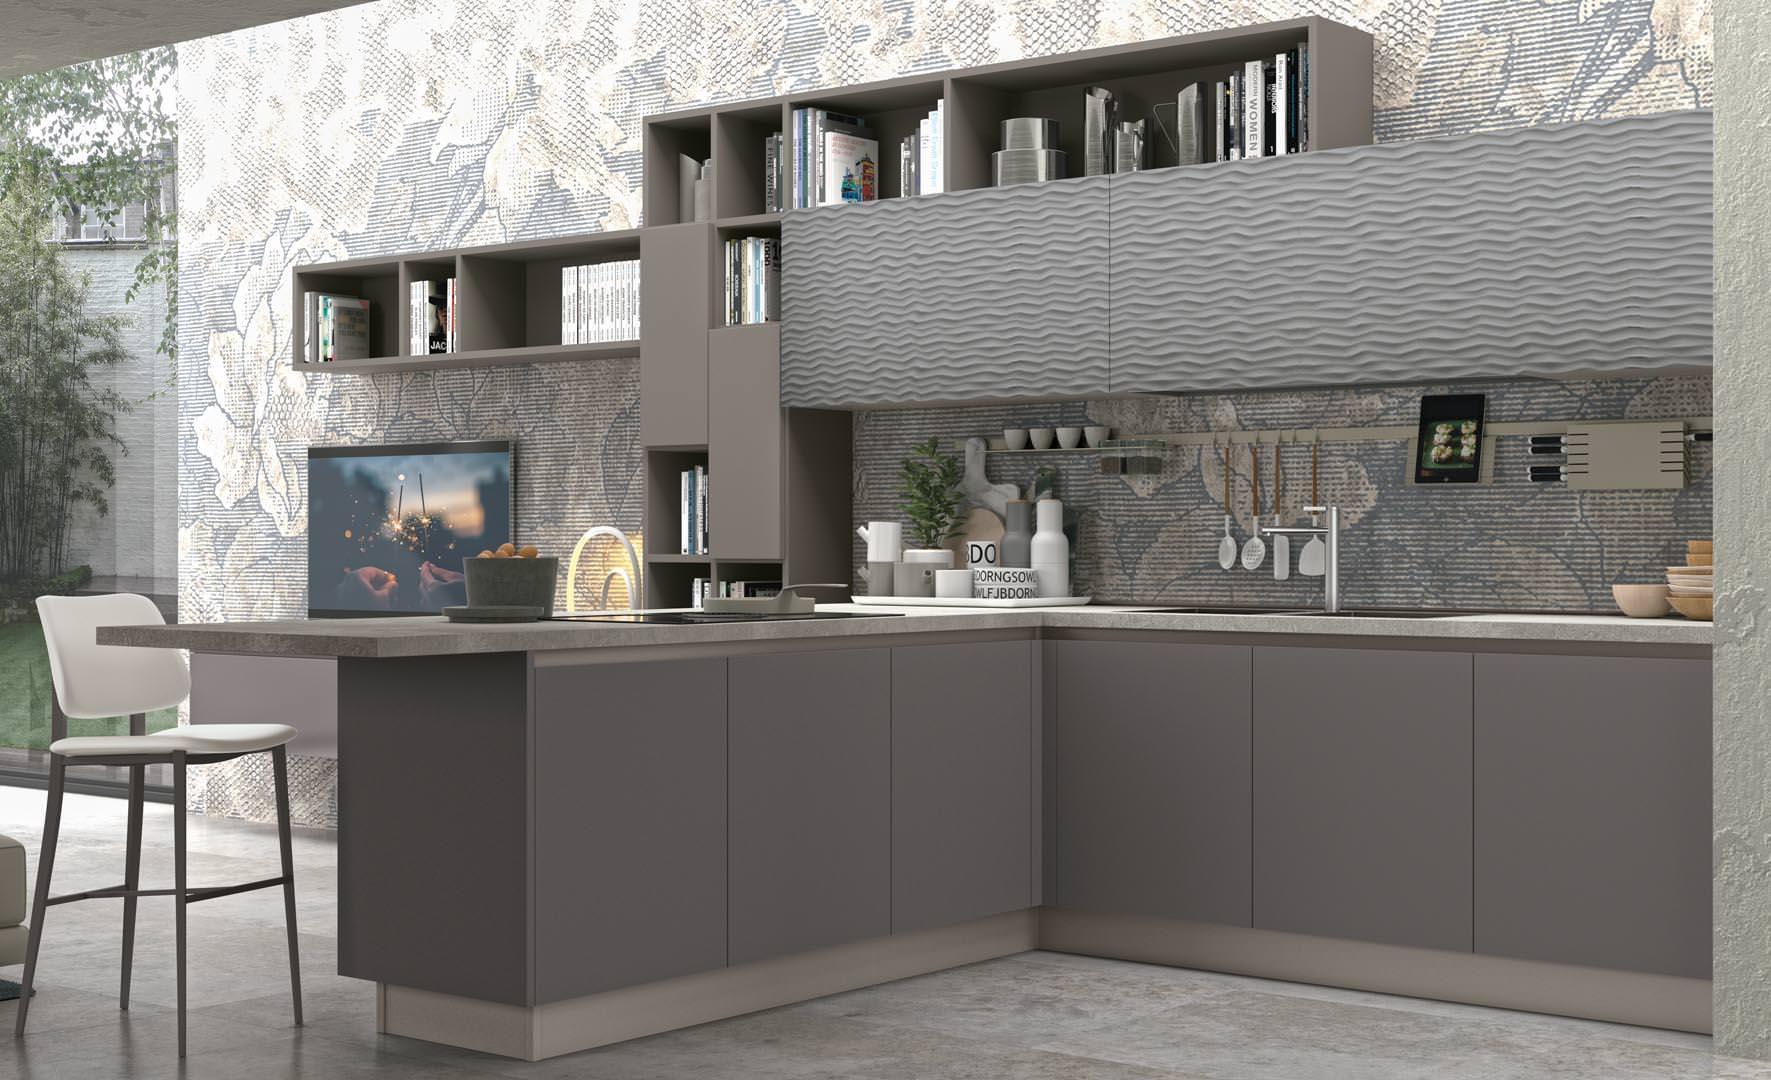 Cucina lube clover lux l 39 ergonomica forma dell anta for Arredamenti bari e provincia